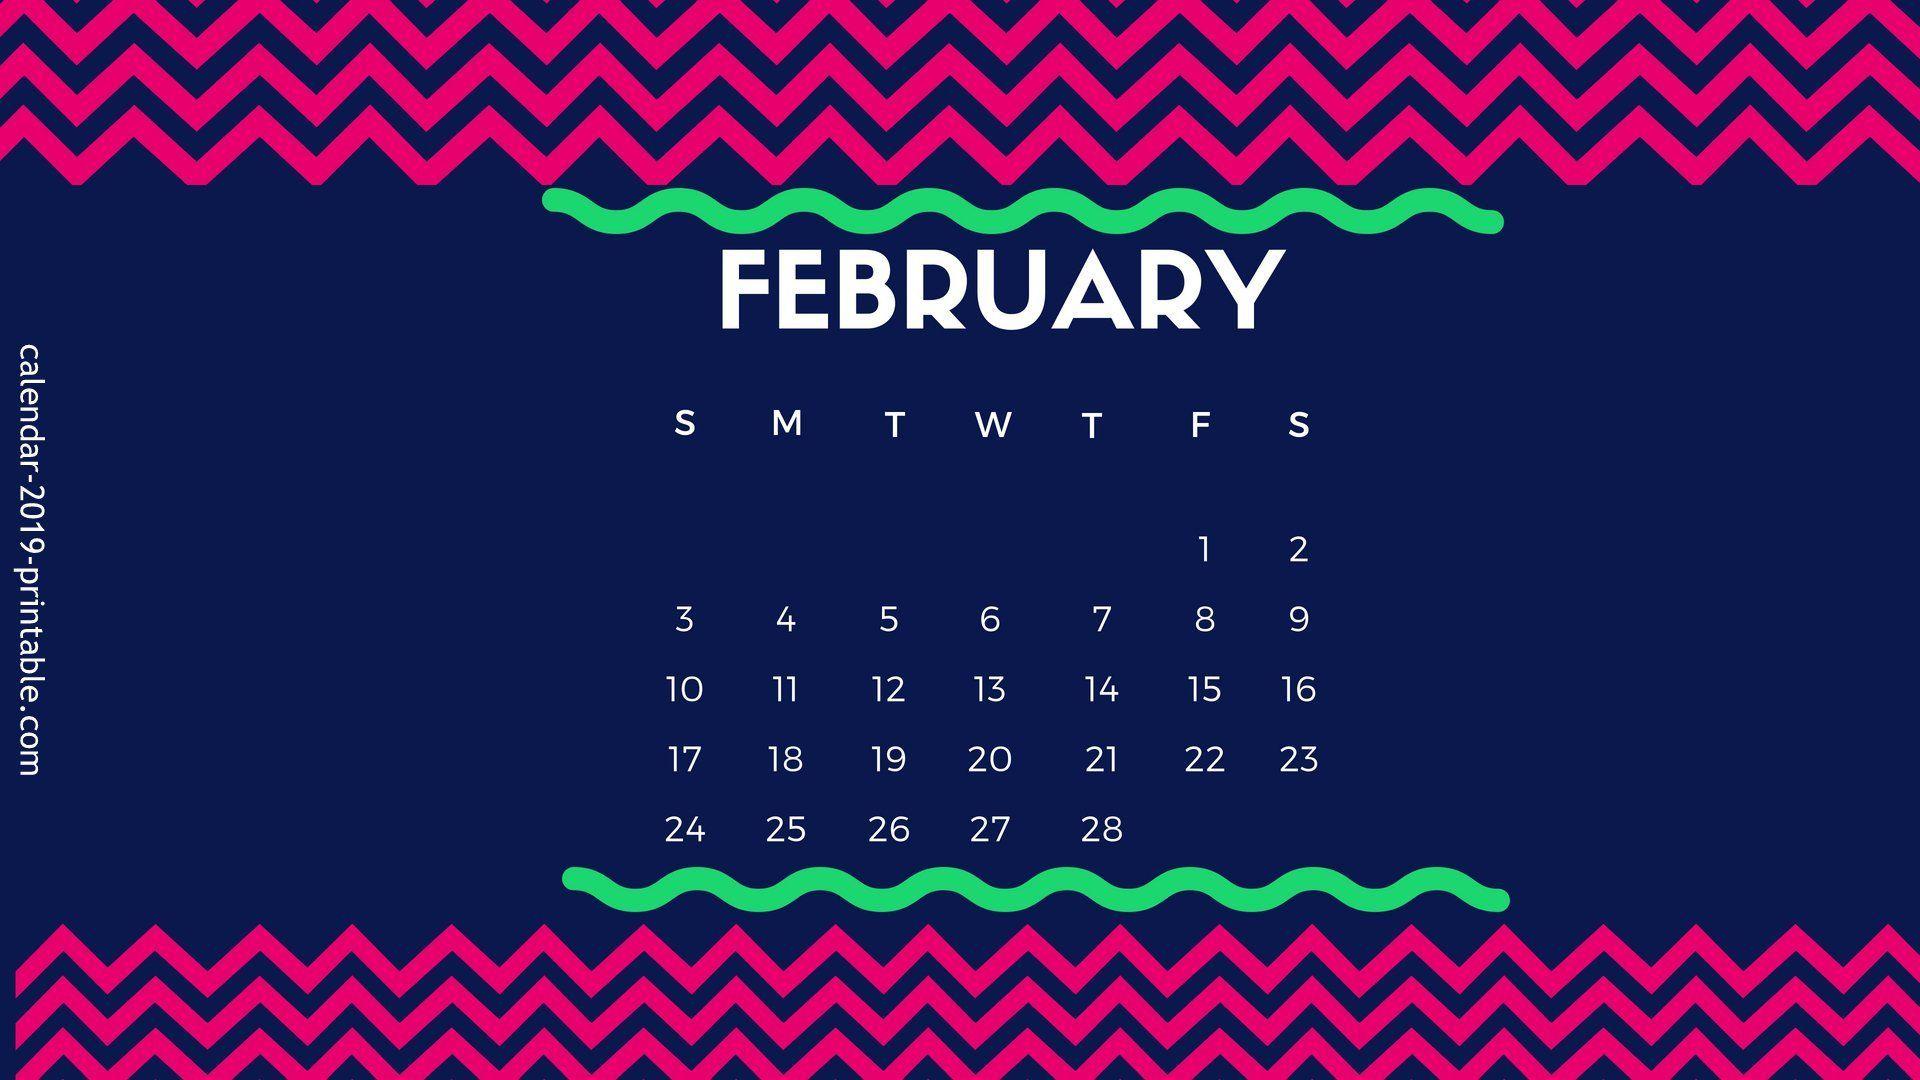 February 2020 Desktop Calendar Wallpaper Desktop Calendar 2019